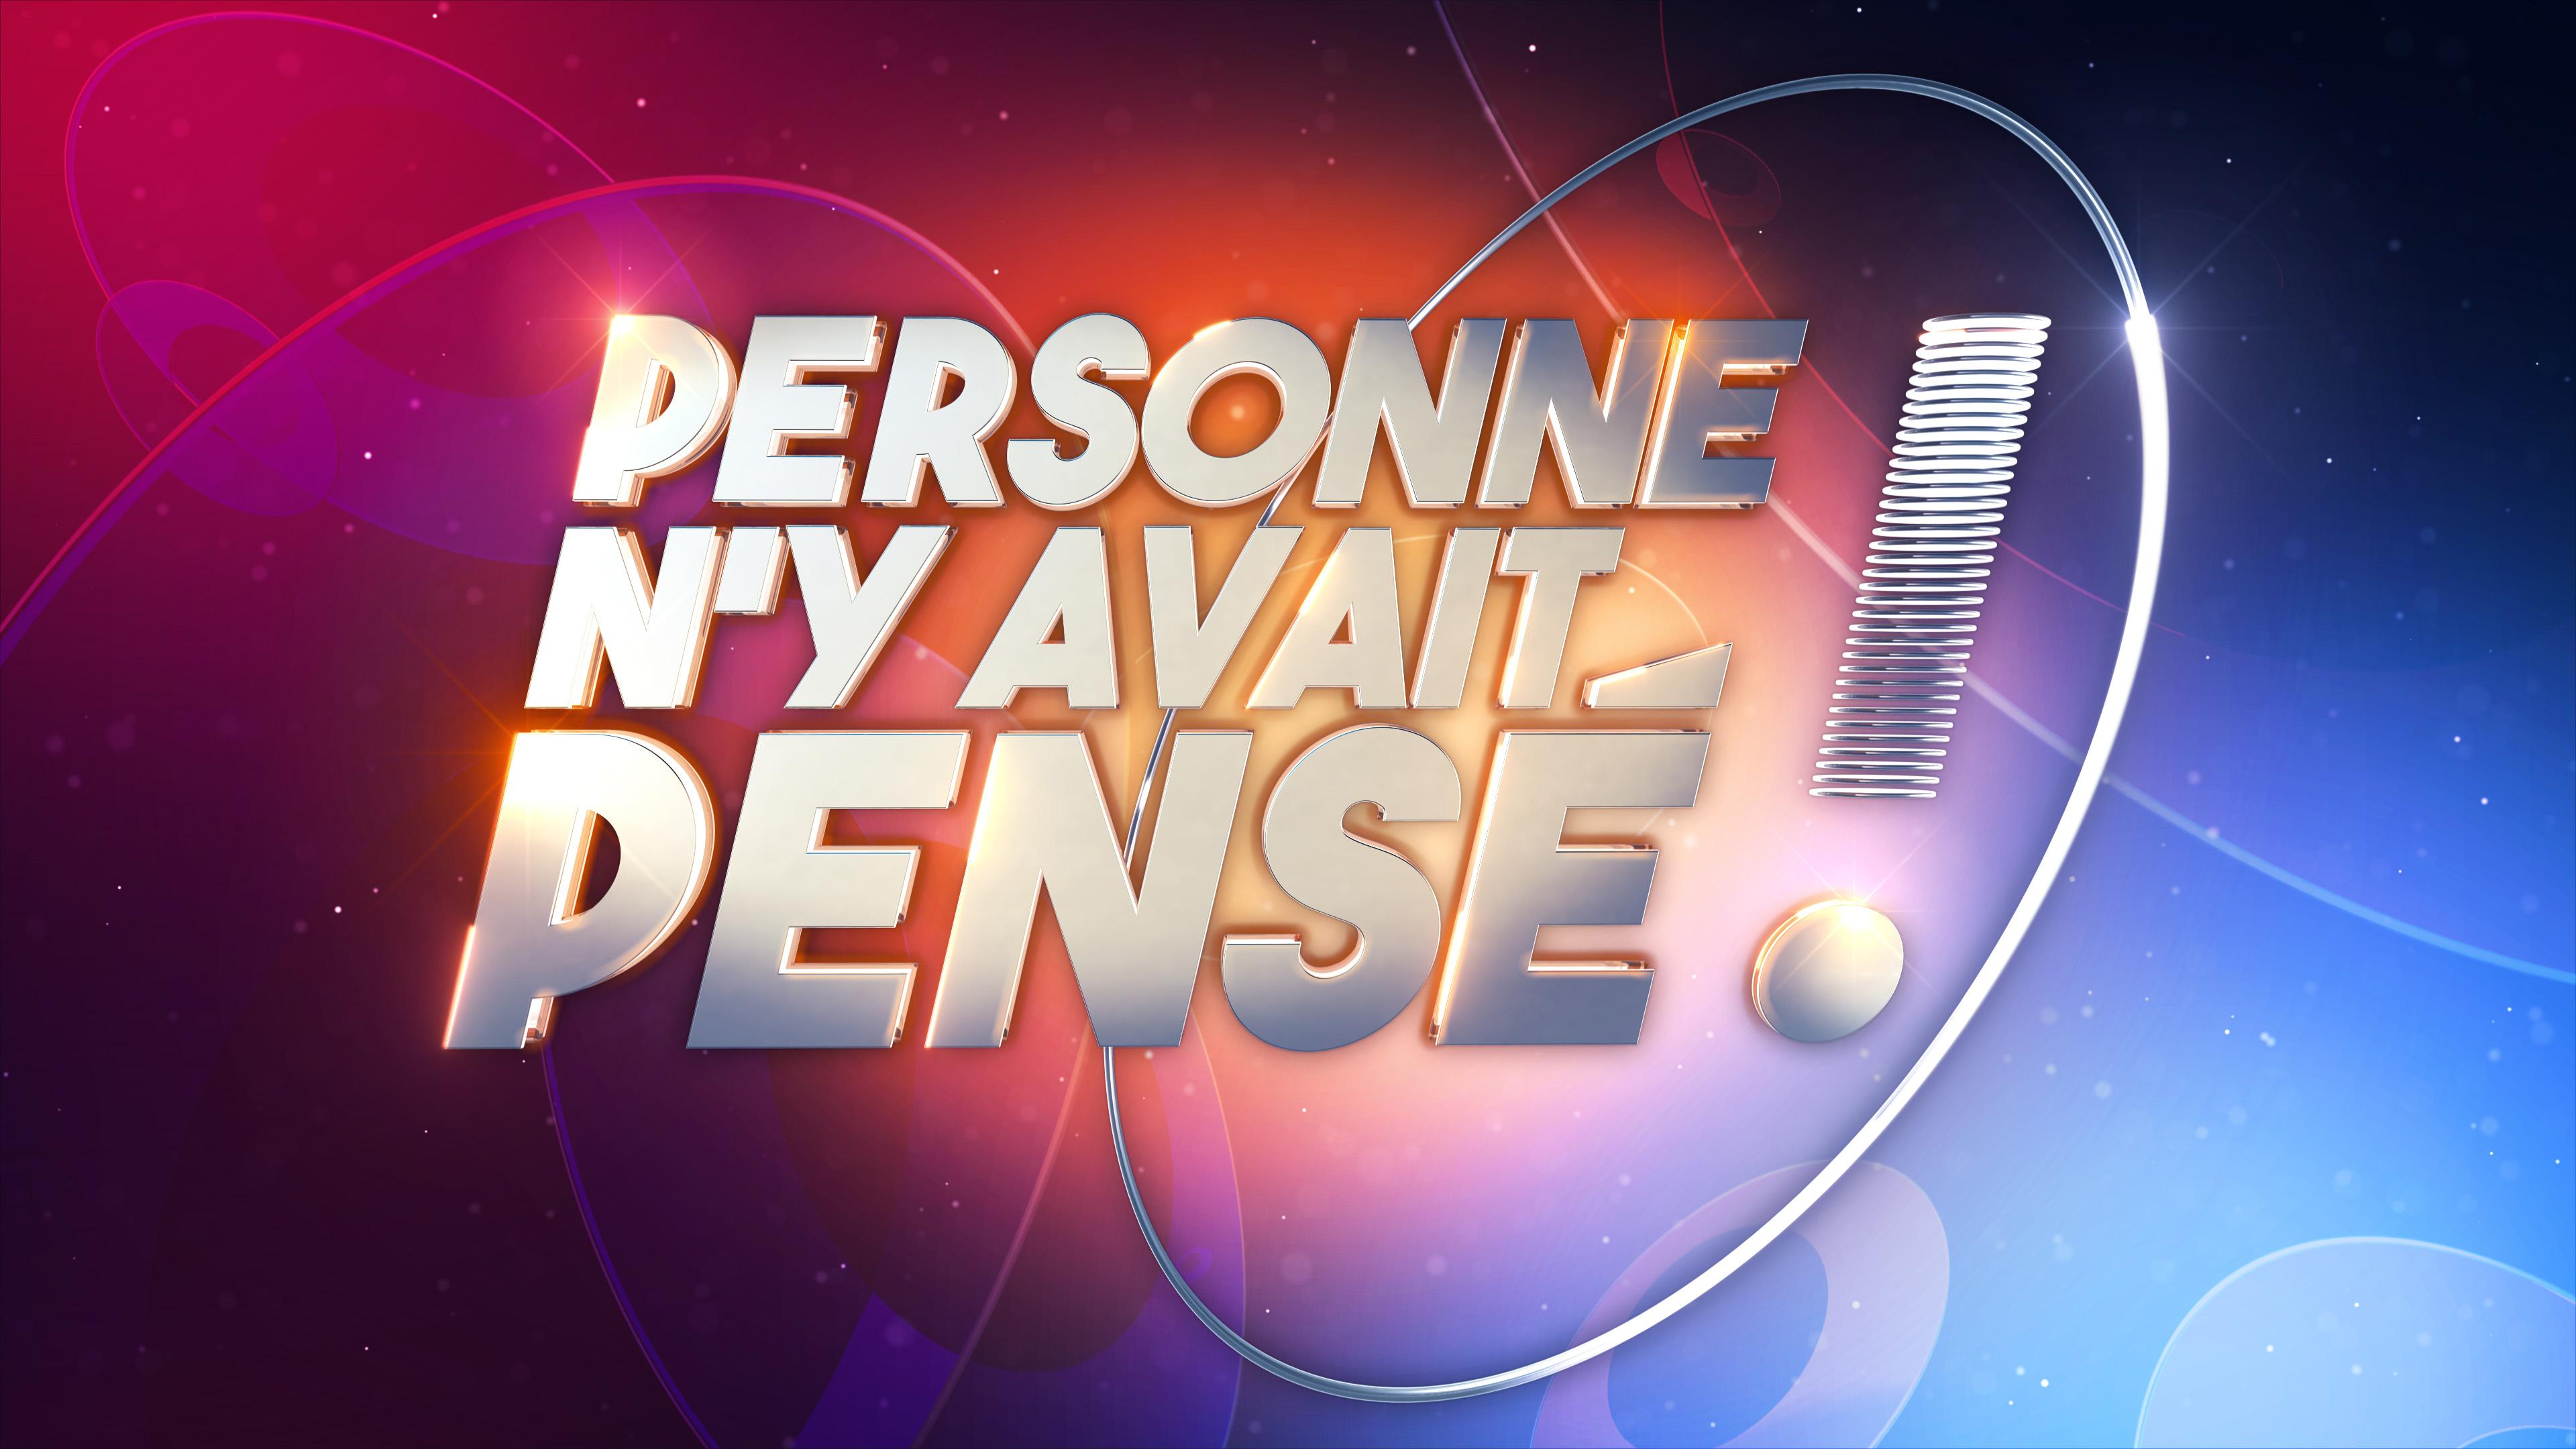 Personne n'y avait pensé – Le jeu officiel de l'émission France 3